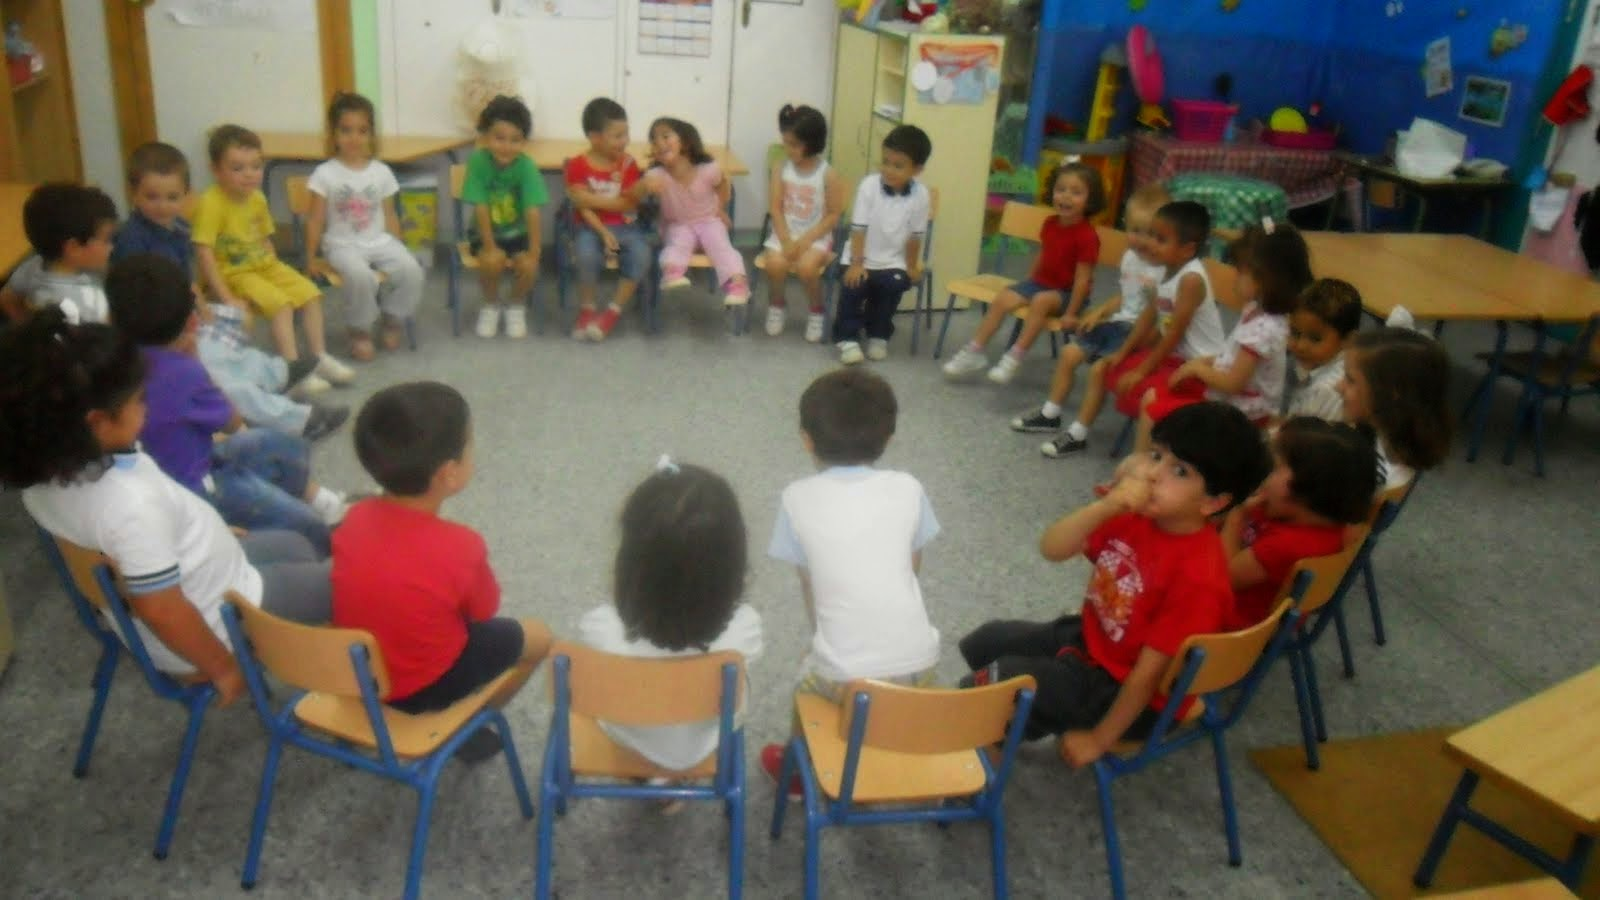 niños bien sendados en sillas en clase